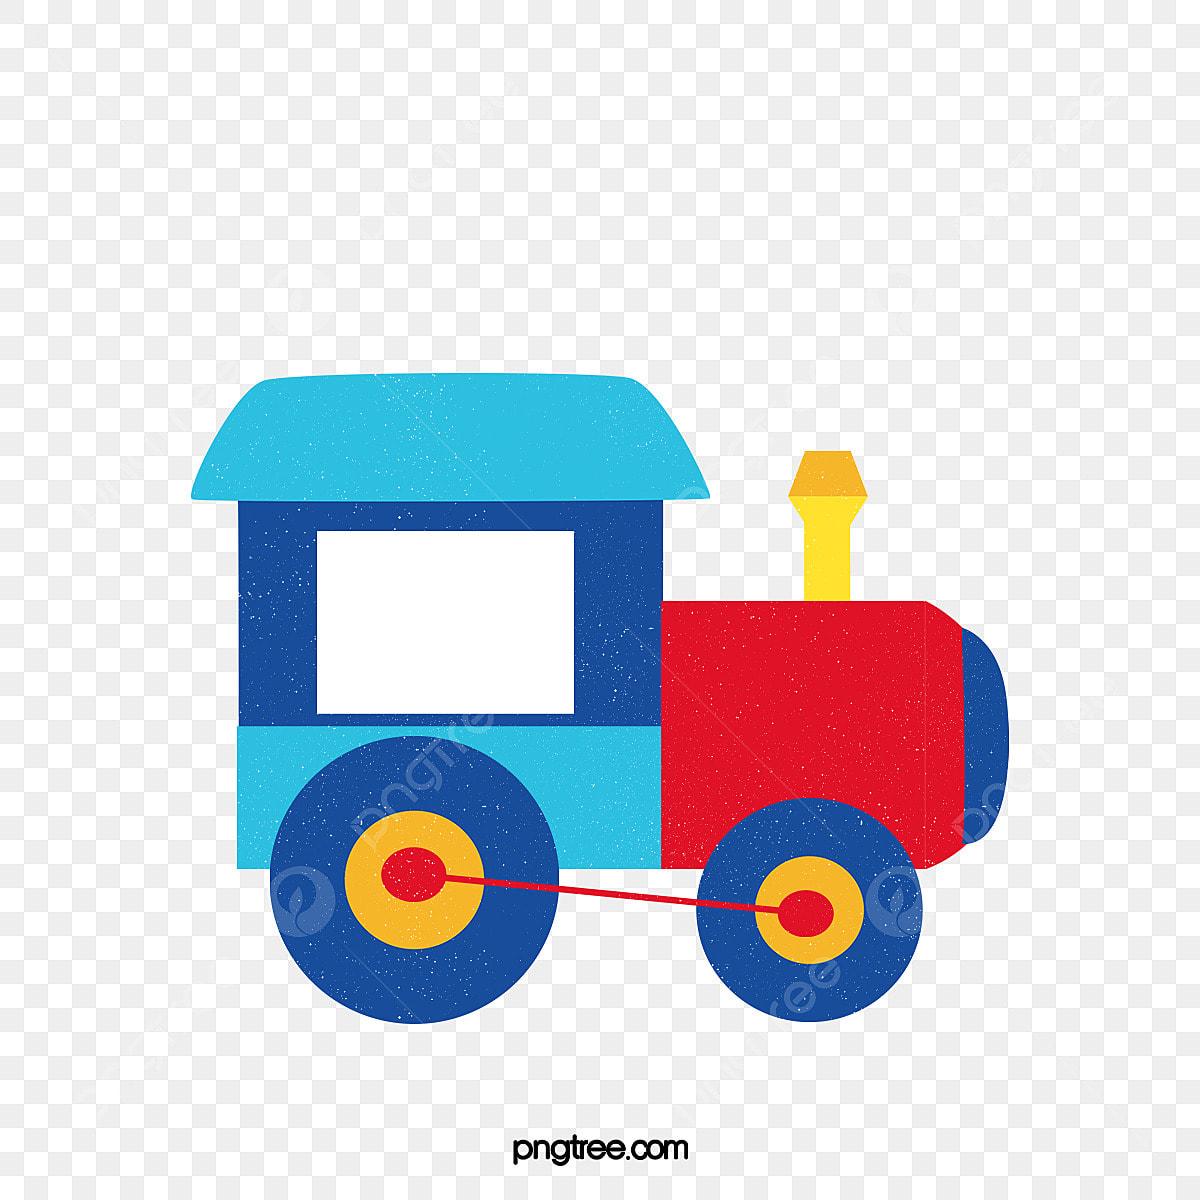 Gambar Kereta Api Kartun Berwarna Gambar Kartun Comel Tangan Ditarik Lukisan Kereta Api Yang Berwarna Warni Tekstur Asal Kartun Png Dan Psd Untuk Muat Turun Percuma